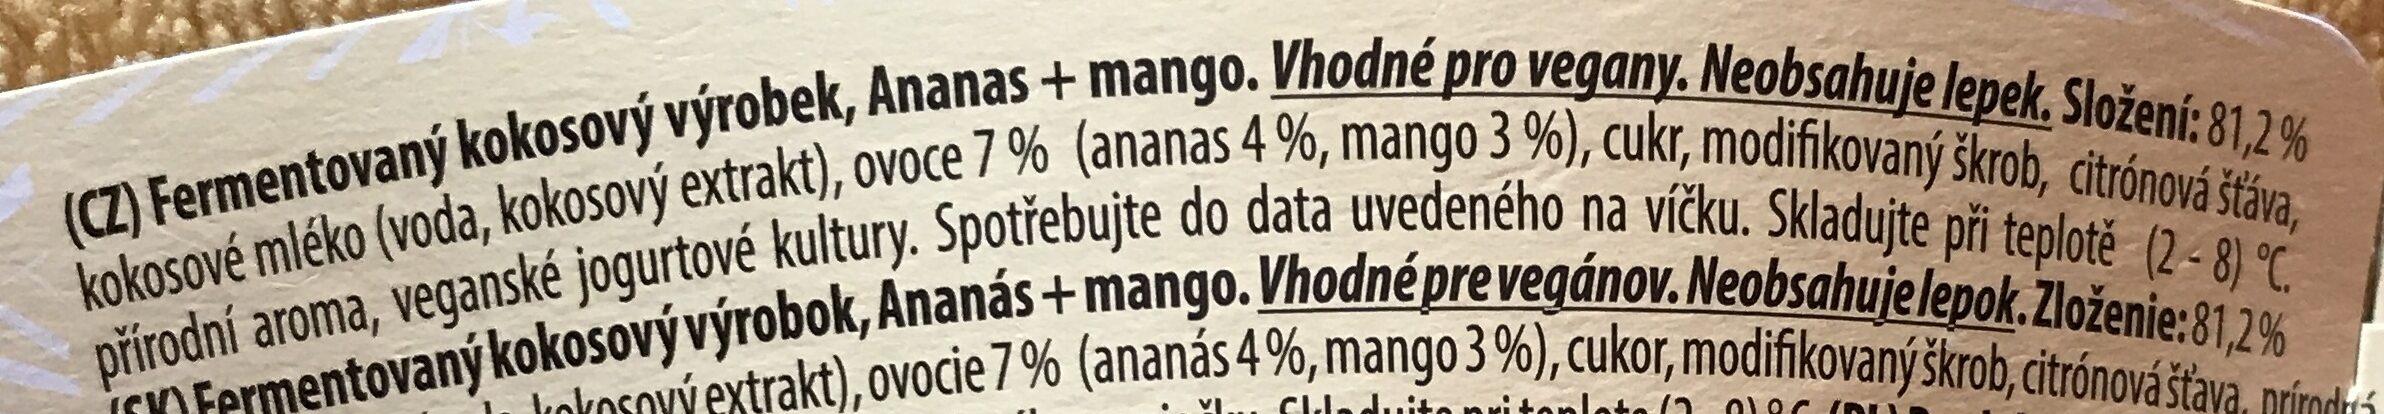 Fermentovaný kokosový výrobek, Ananas + mango - Ingrédients - cs